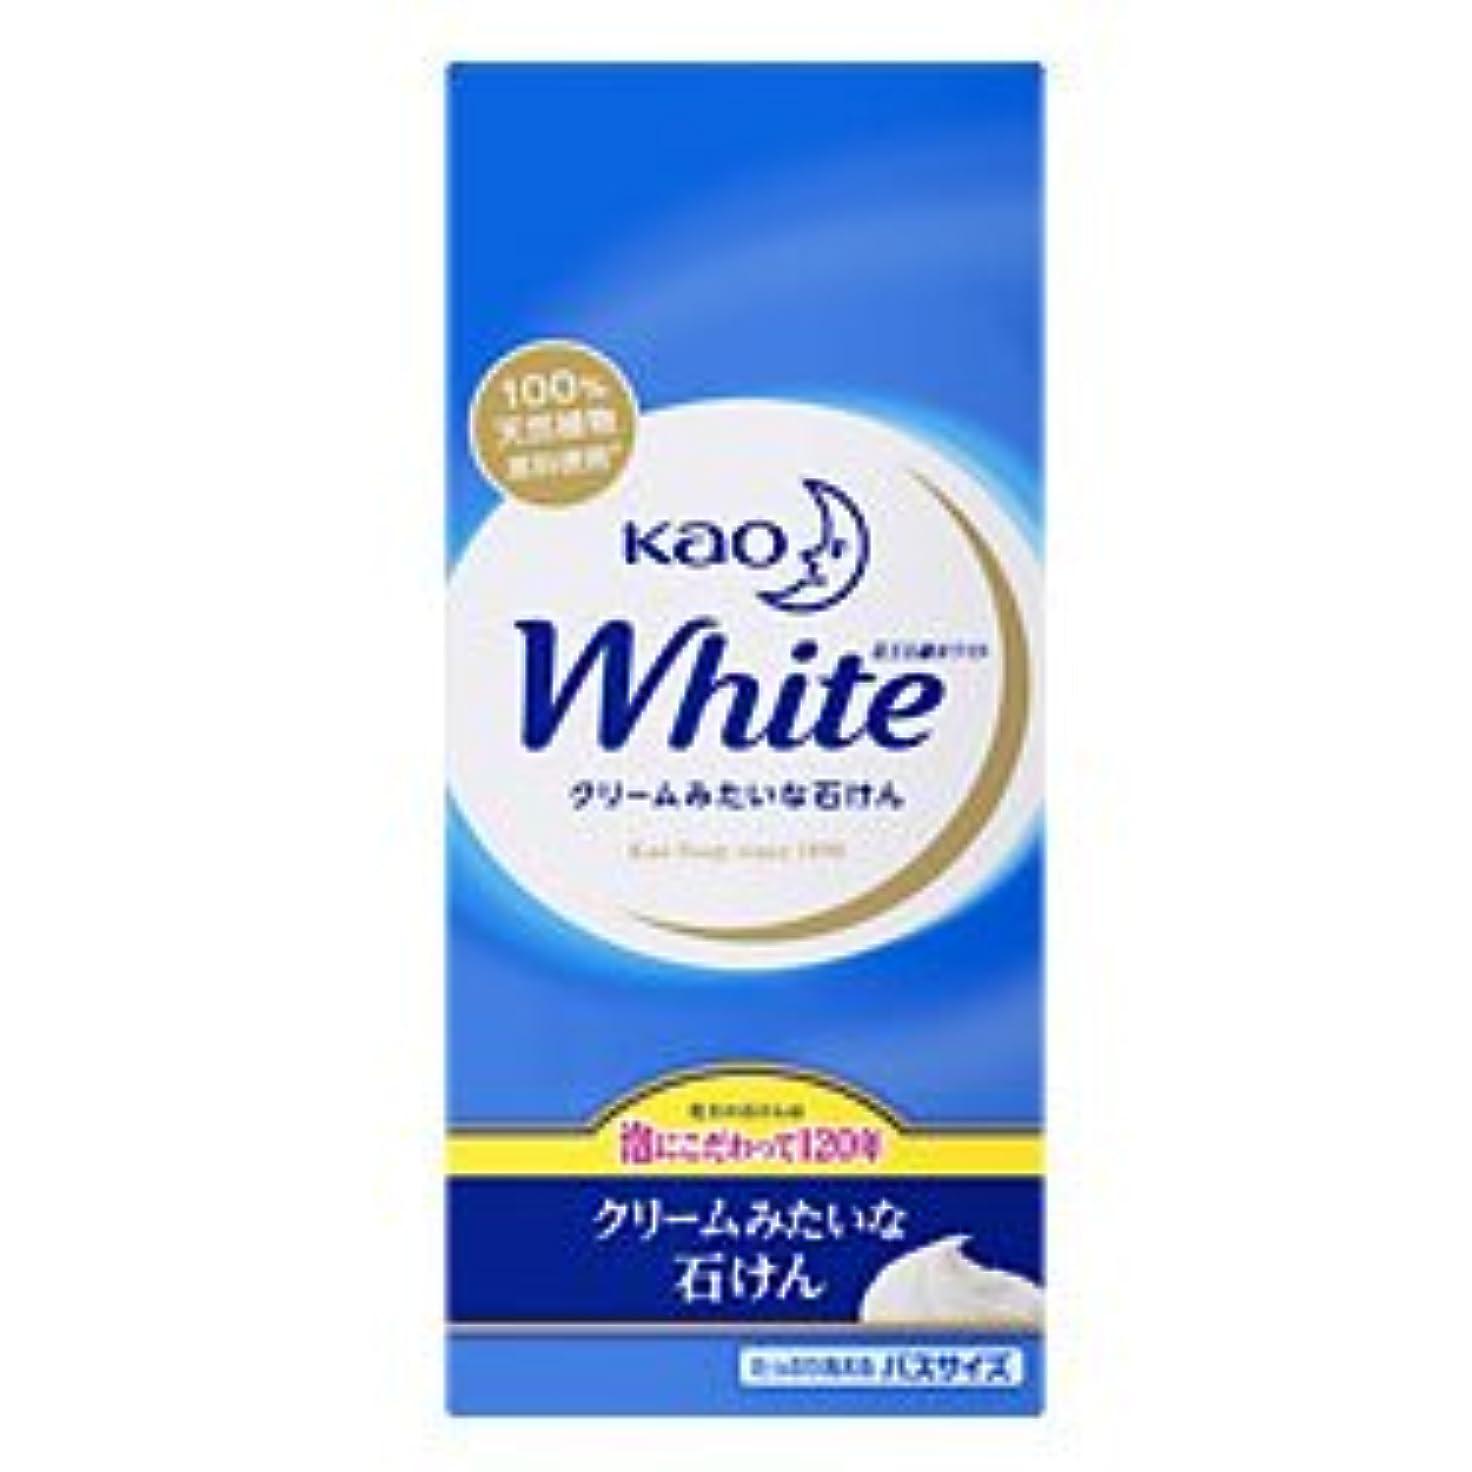 スマート未満近々【花王】花王ホワイト バスサイズ 130g×6個 ×10個セット